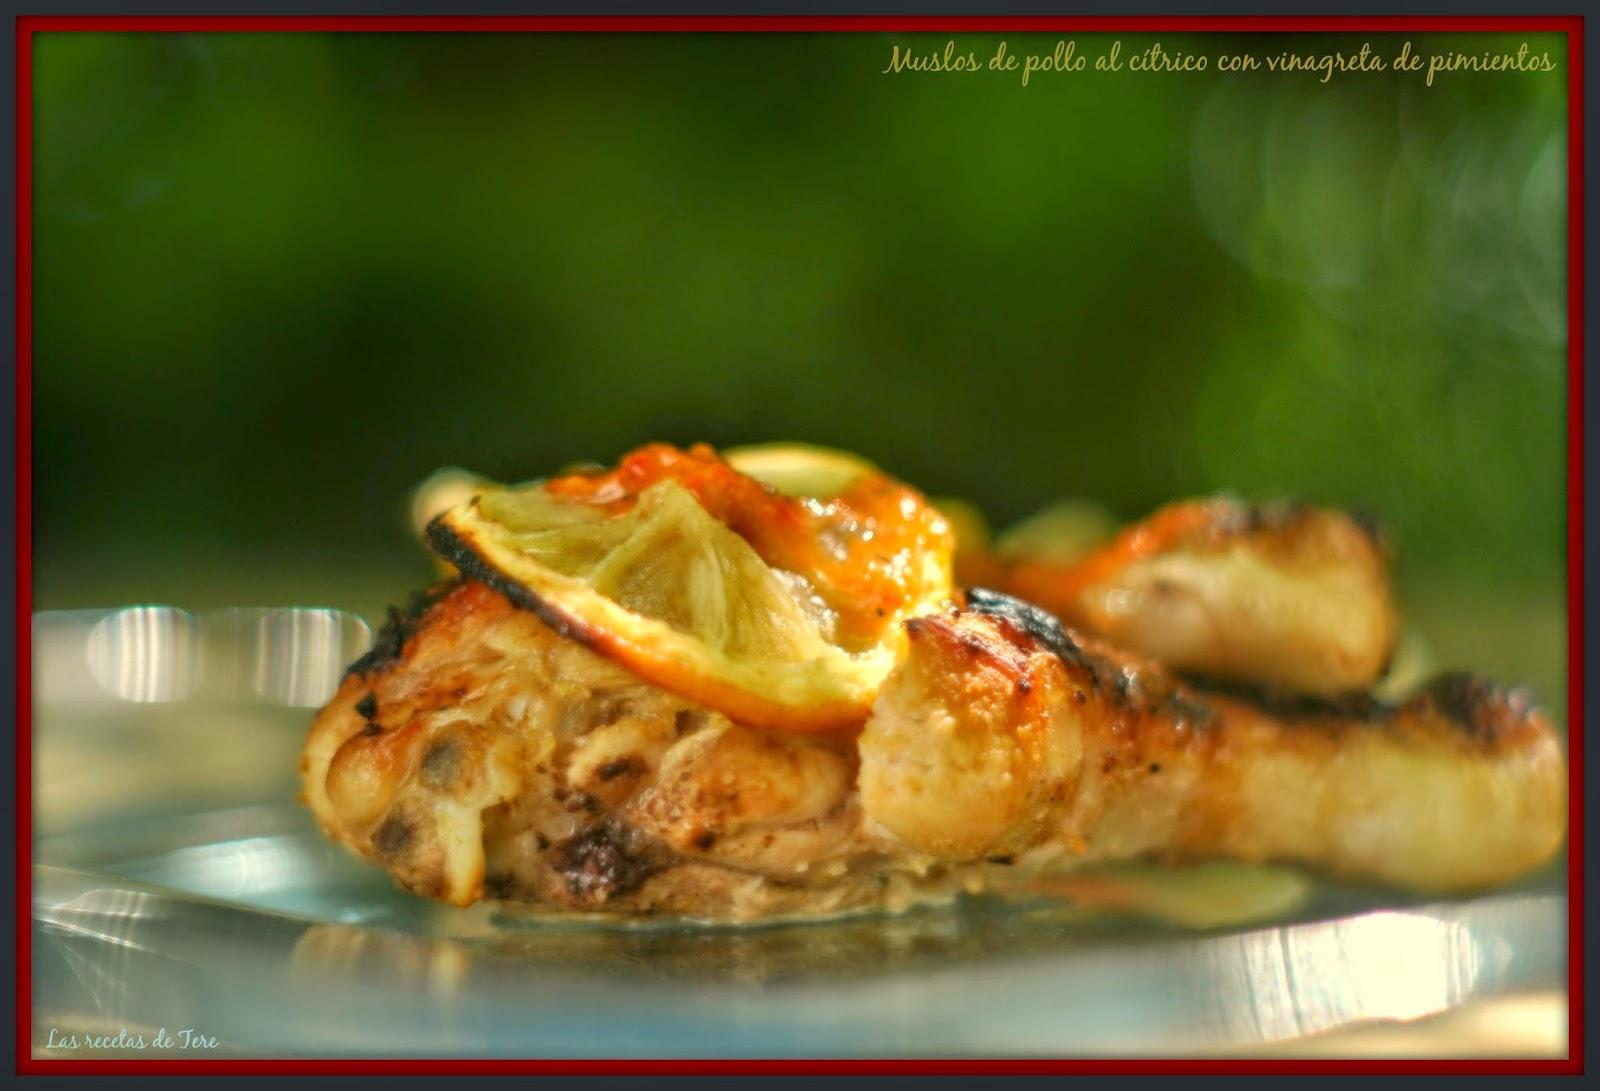 Muslos de pollo al cítrico con vinagreta de pimientos 03